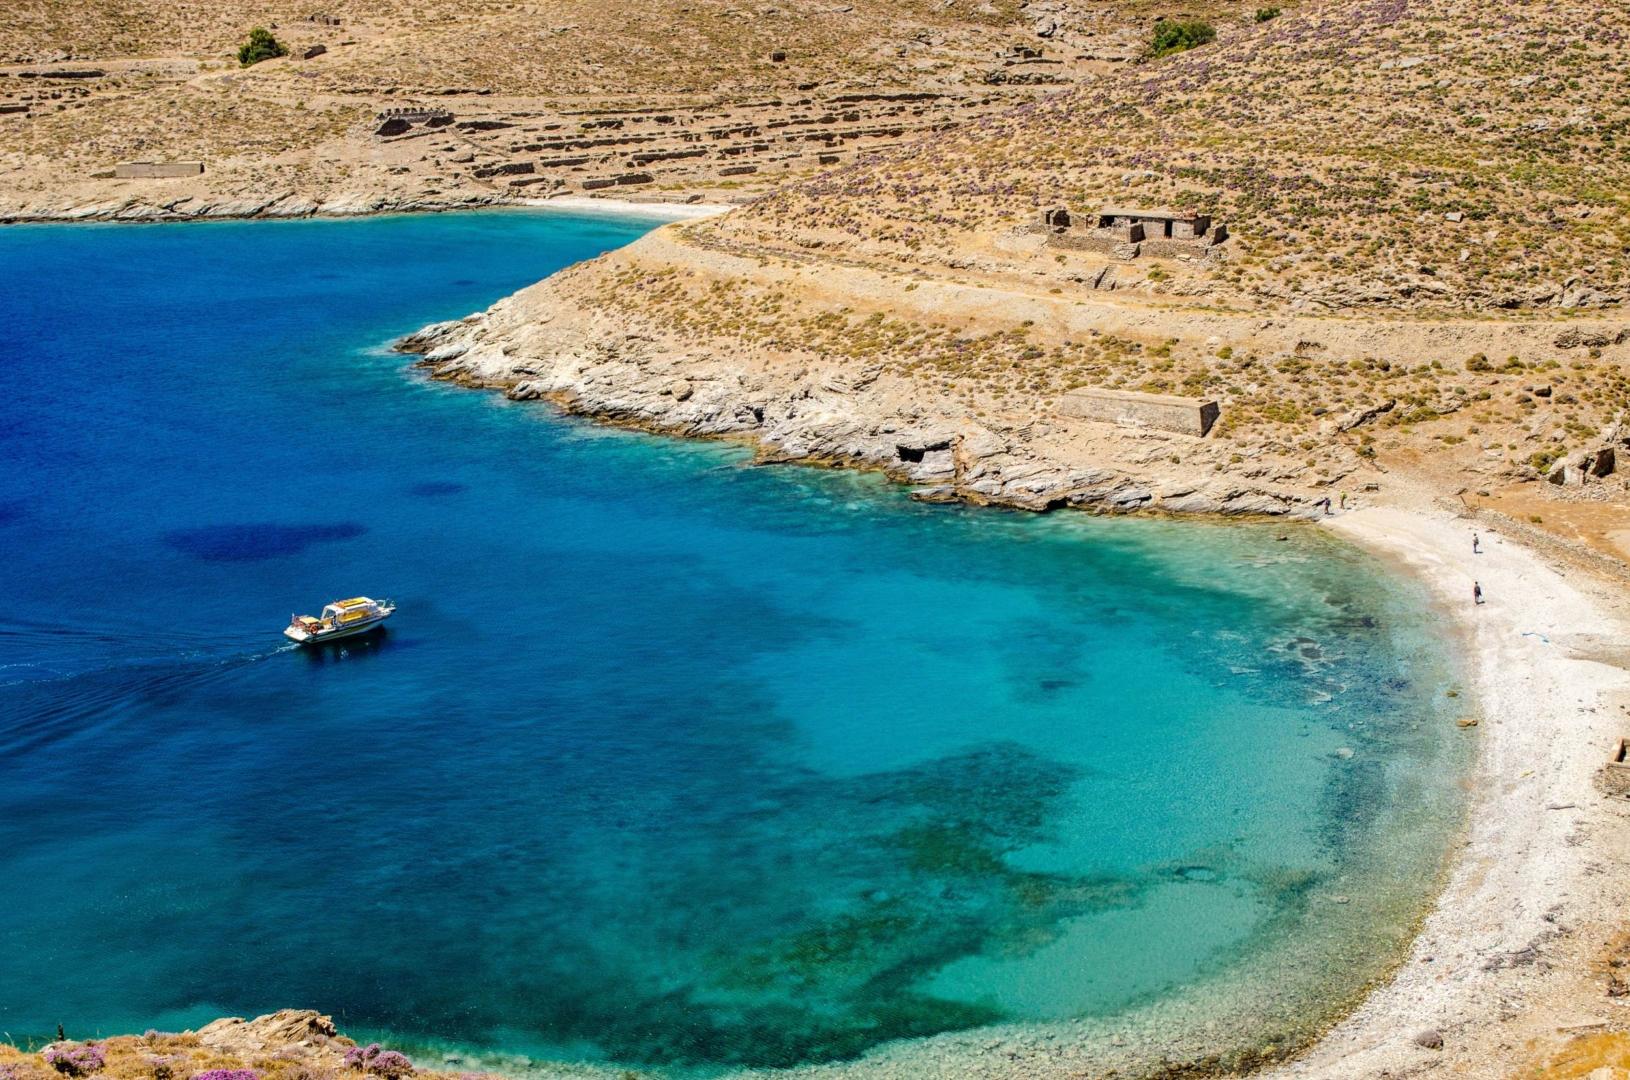 The island of Gyaros